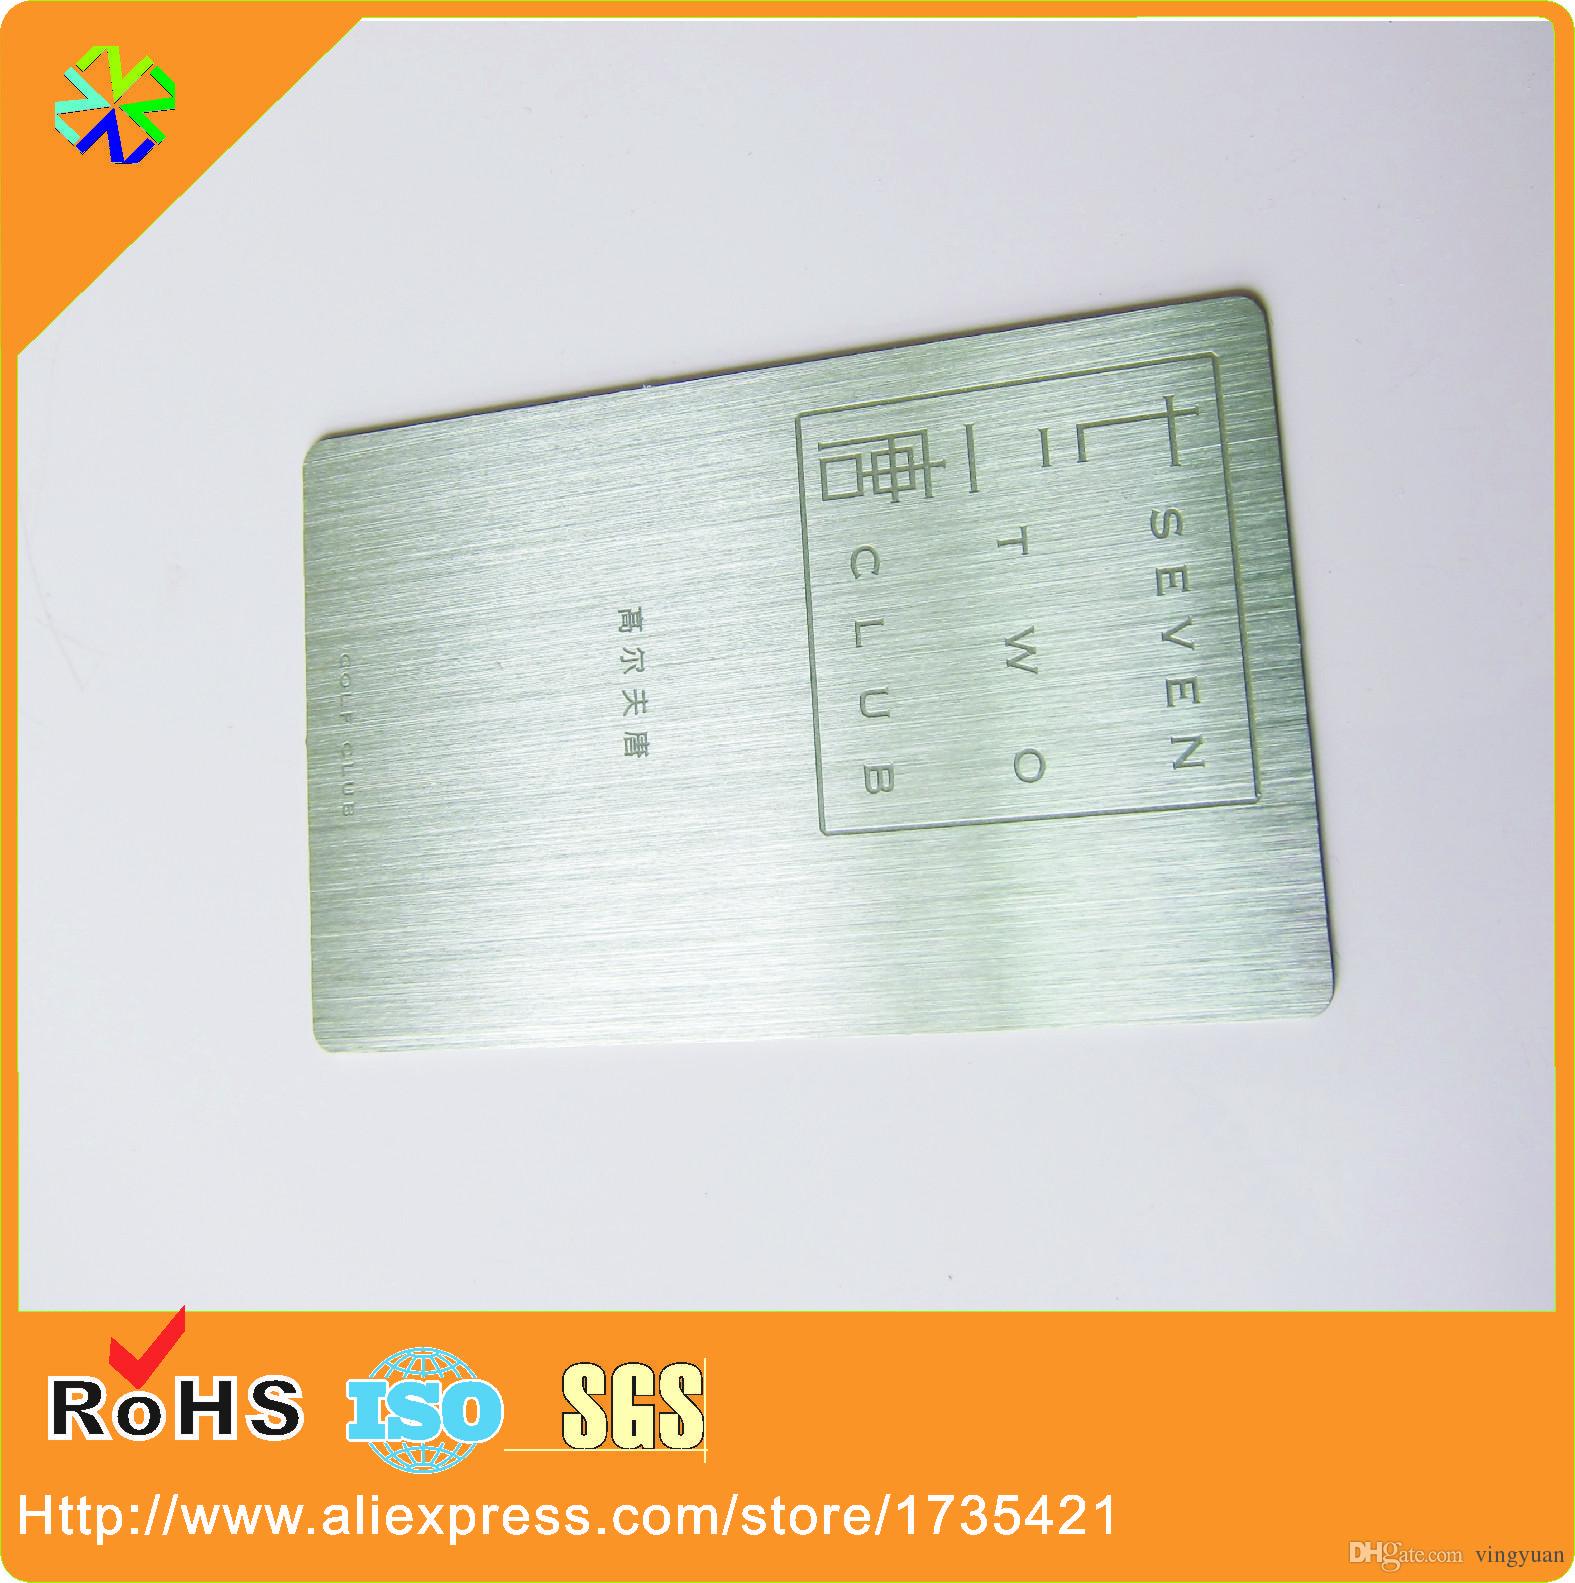 Acheter Usine De La Chine Directement Approvisionnement Pas Cher Personnalise Laser Blanc Coupe Carte Metallique Nom En Metal Visite